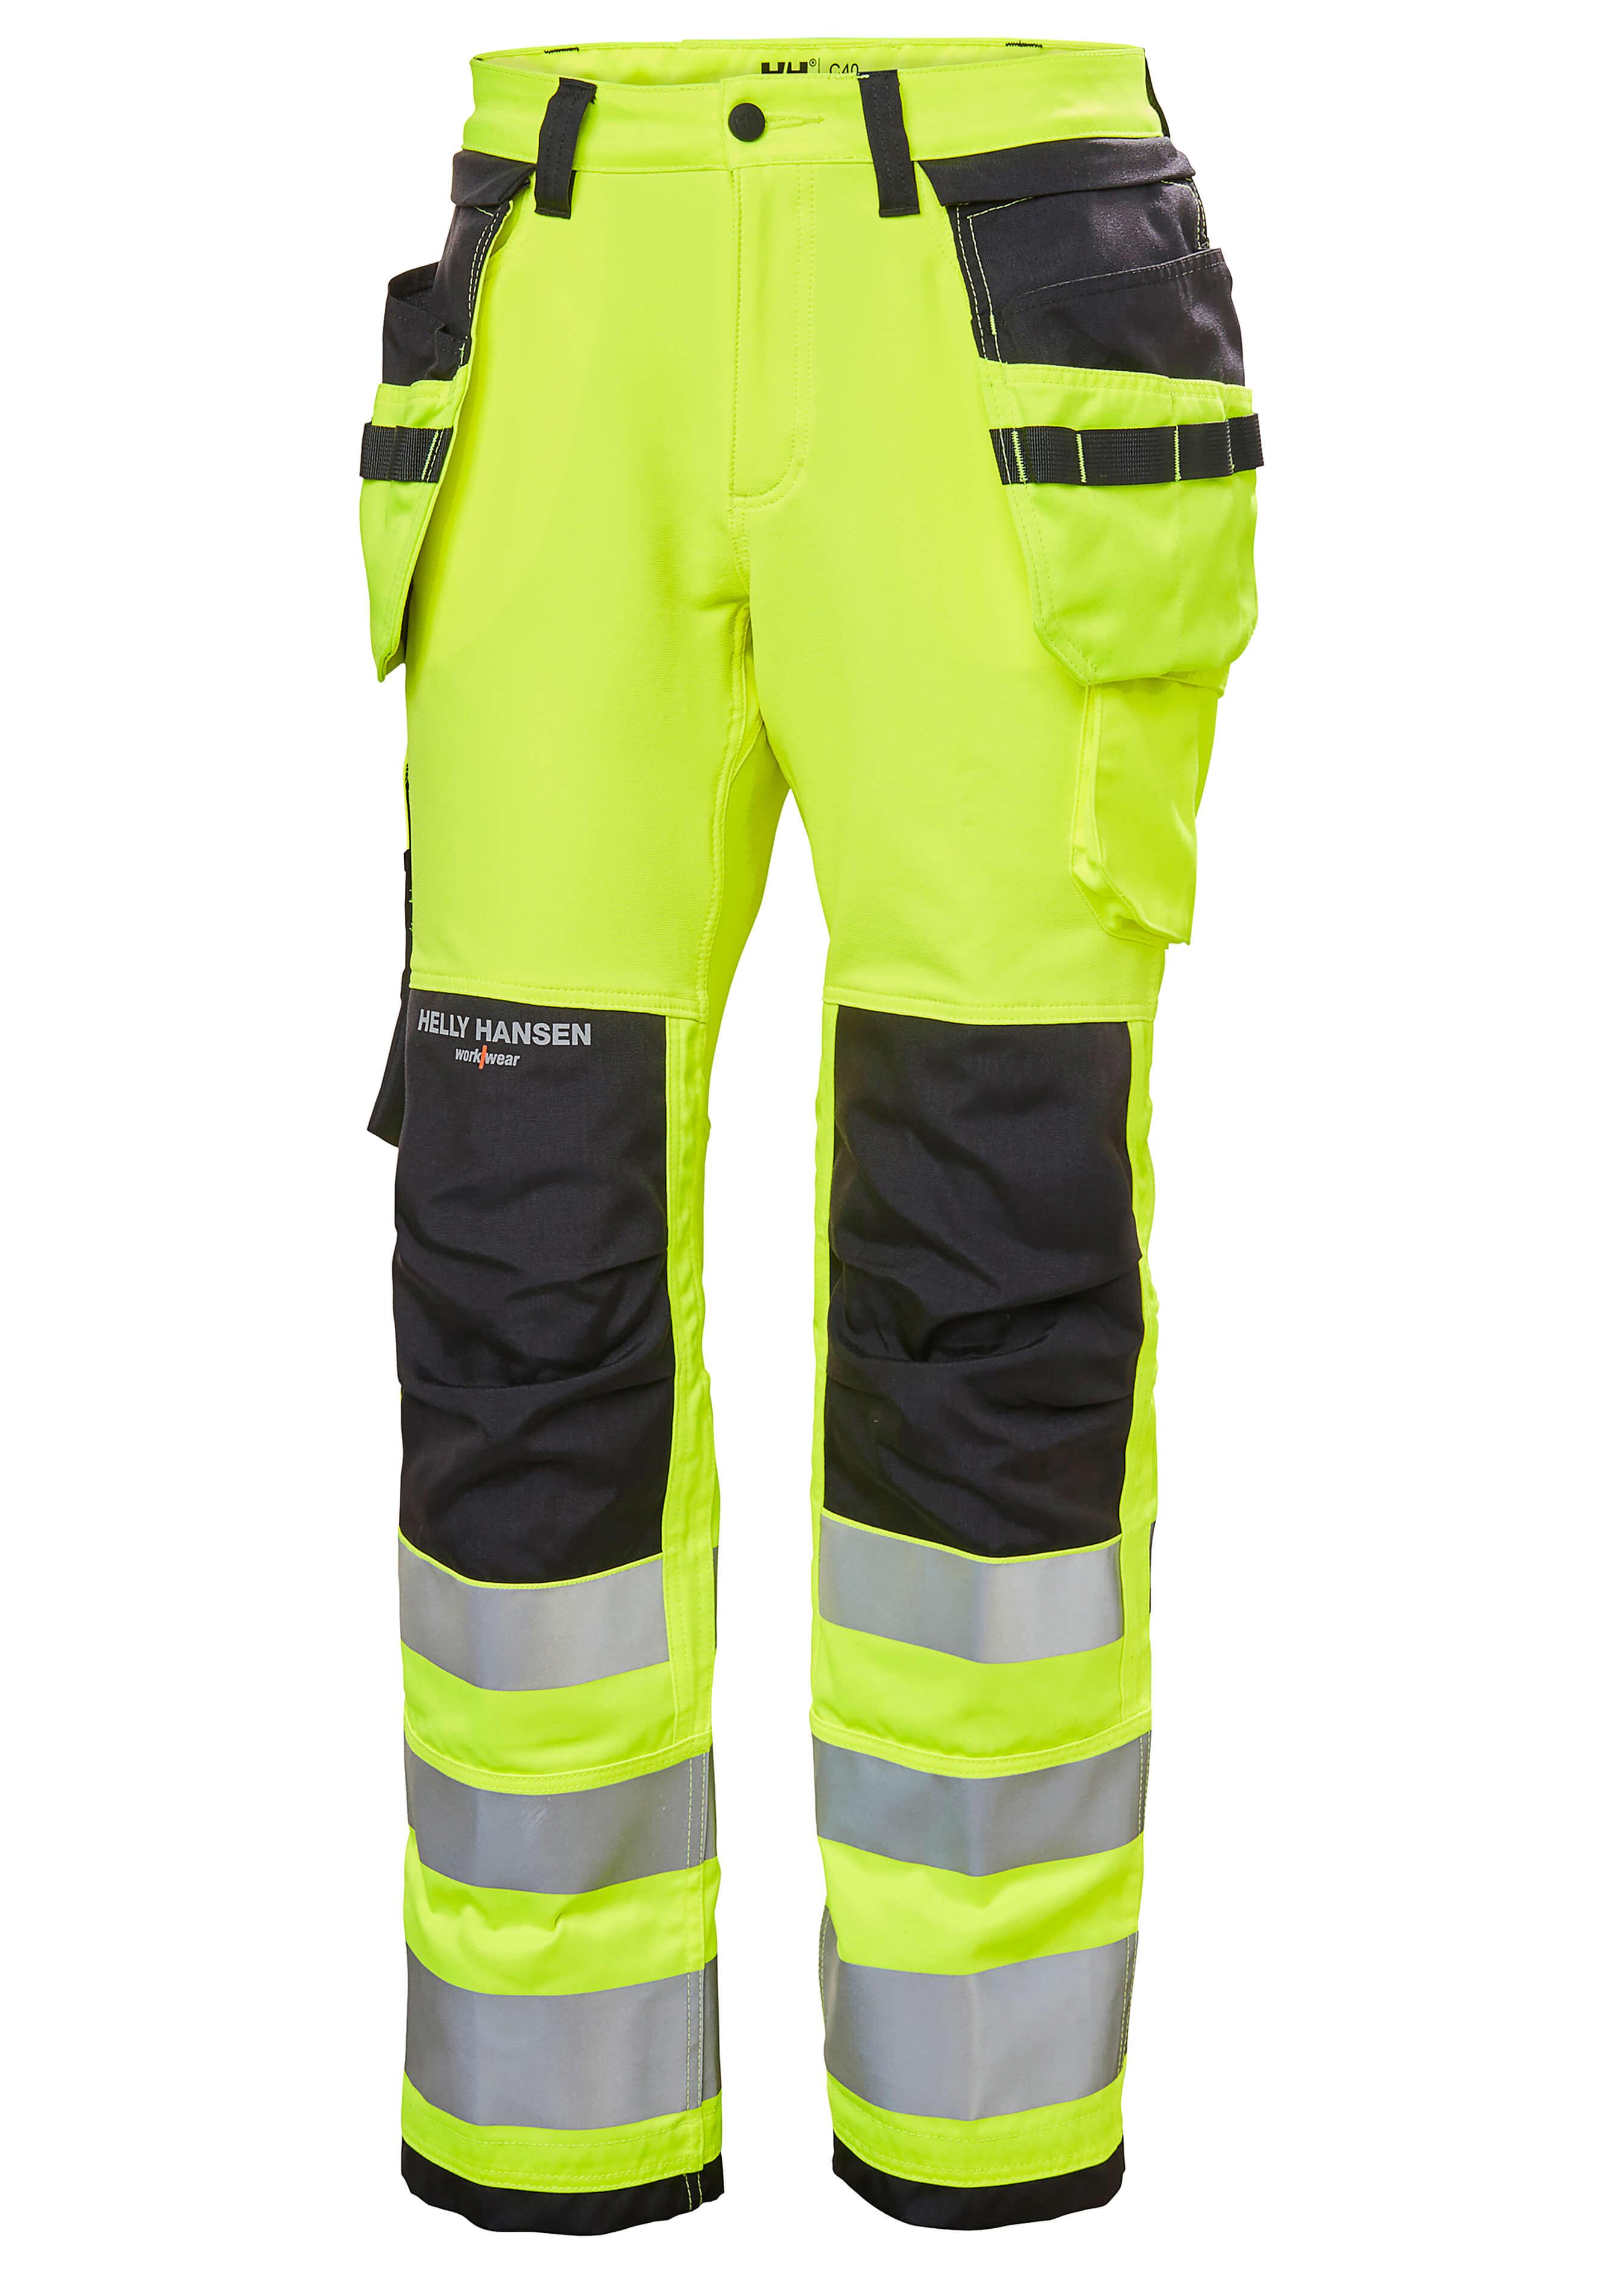 Helly Hansen Damen Warnschutz Stretch-Regenhose LUNA 2.0 27025334 1